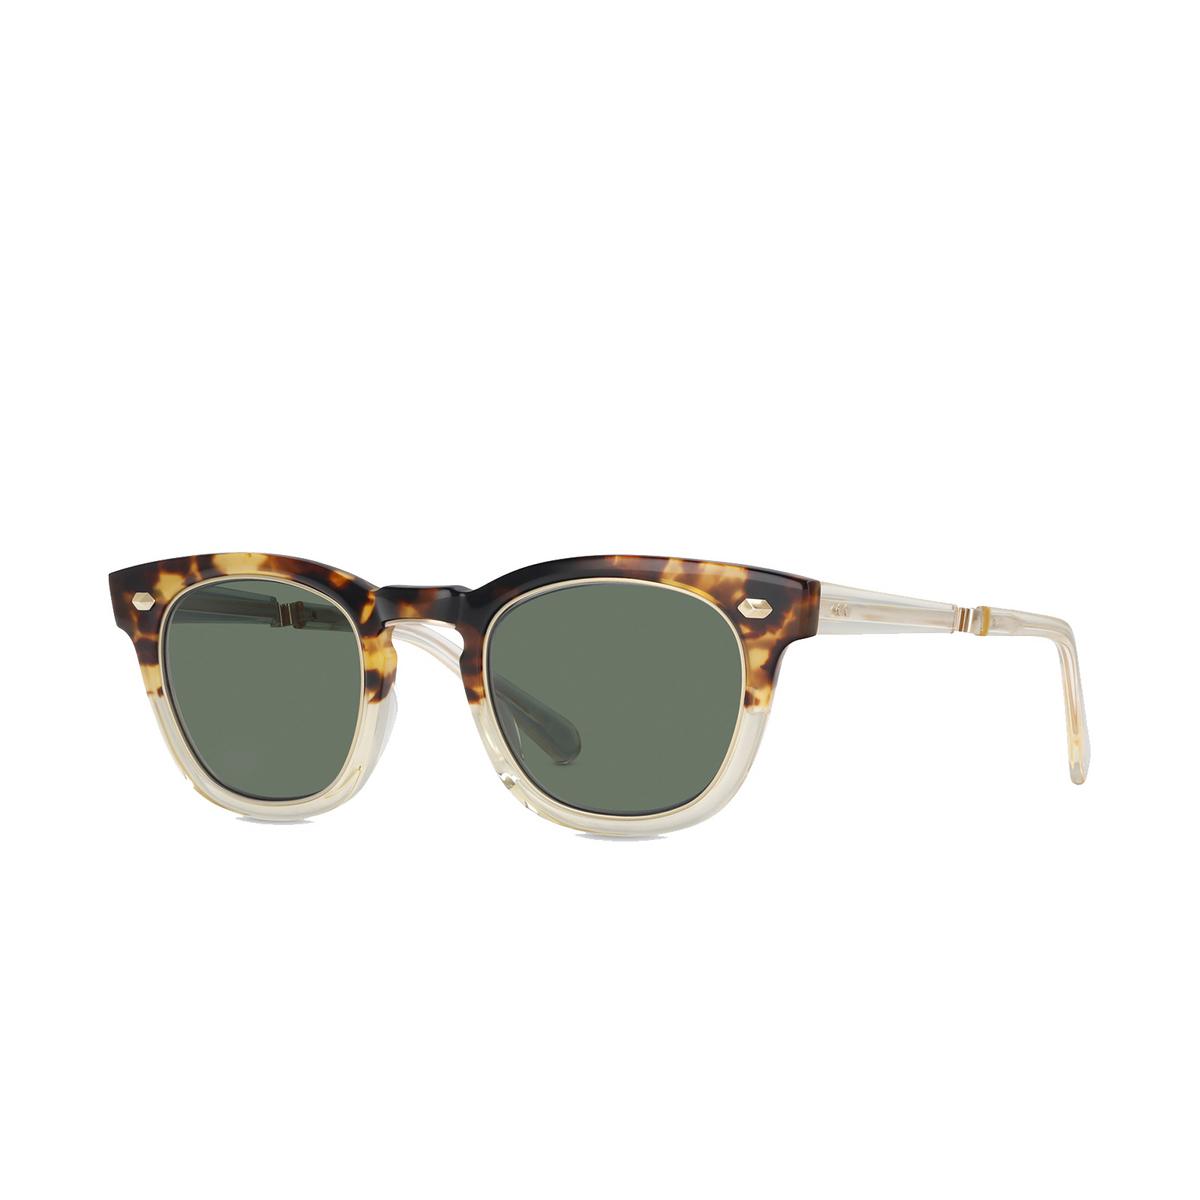 Mr. Leight® Square Sunglasses: Hanalei S color DTORT-12KWG-ART.